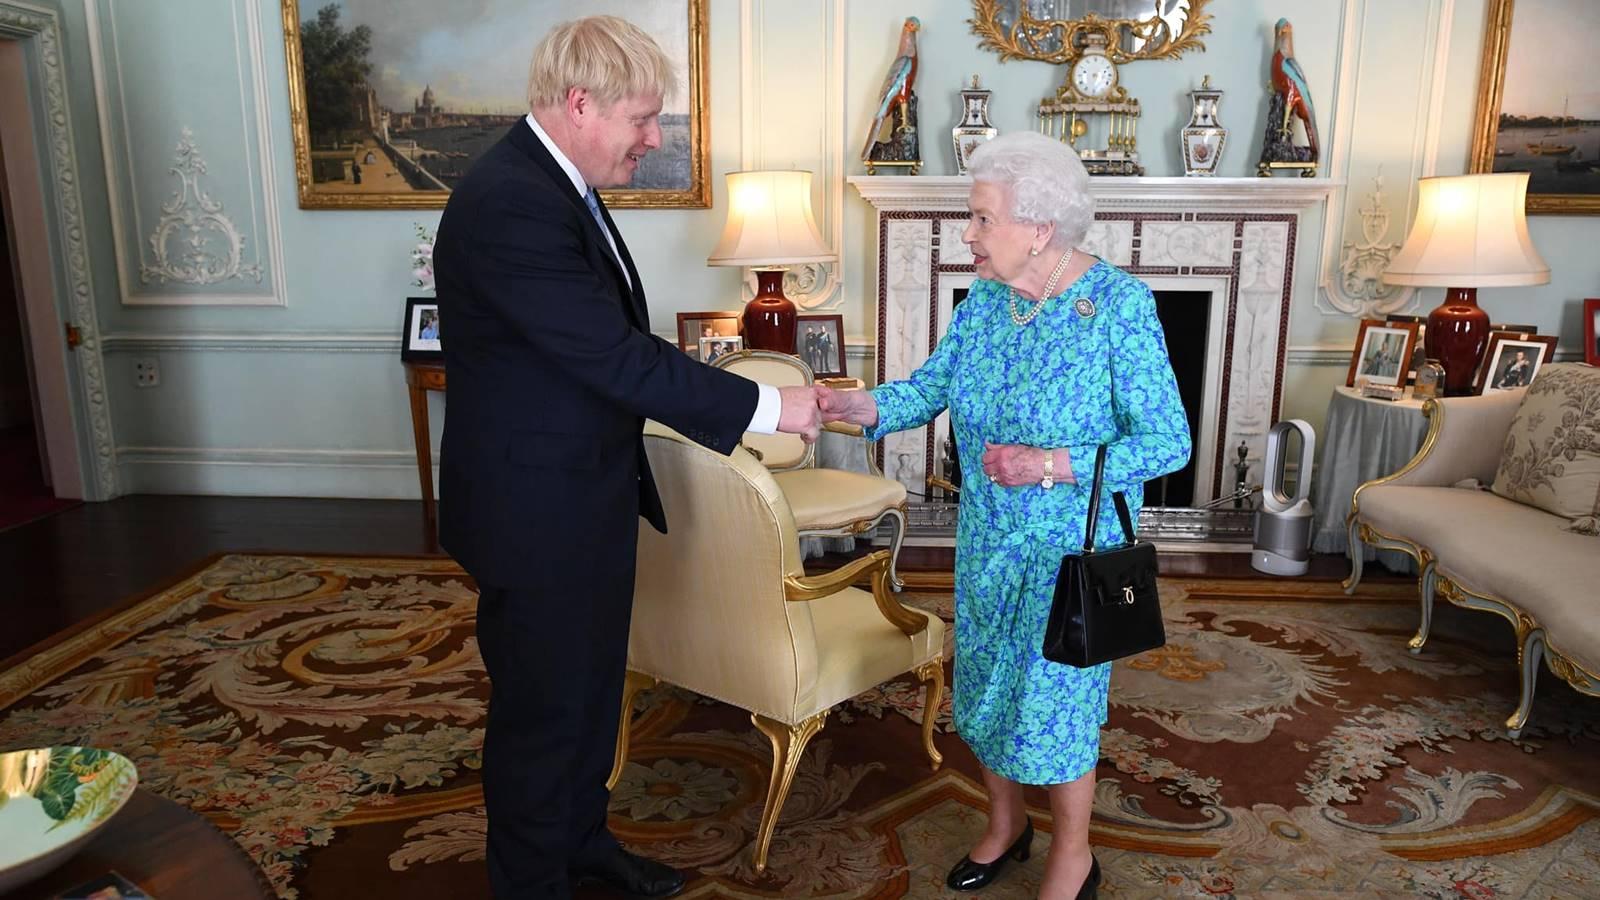 Reina Isabel concede suspensión de Parlamento pedida por Boris Johnson